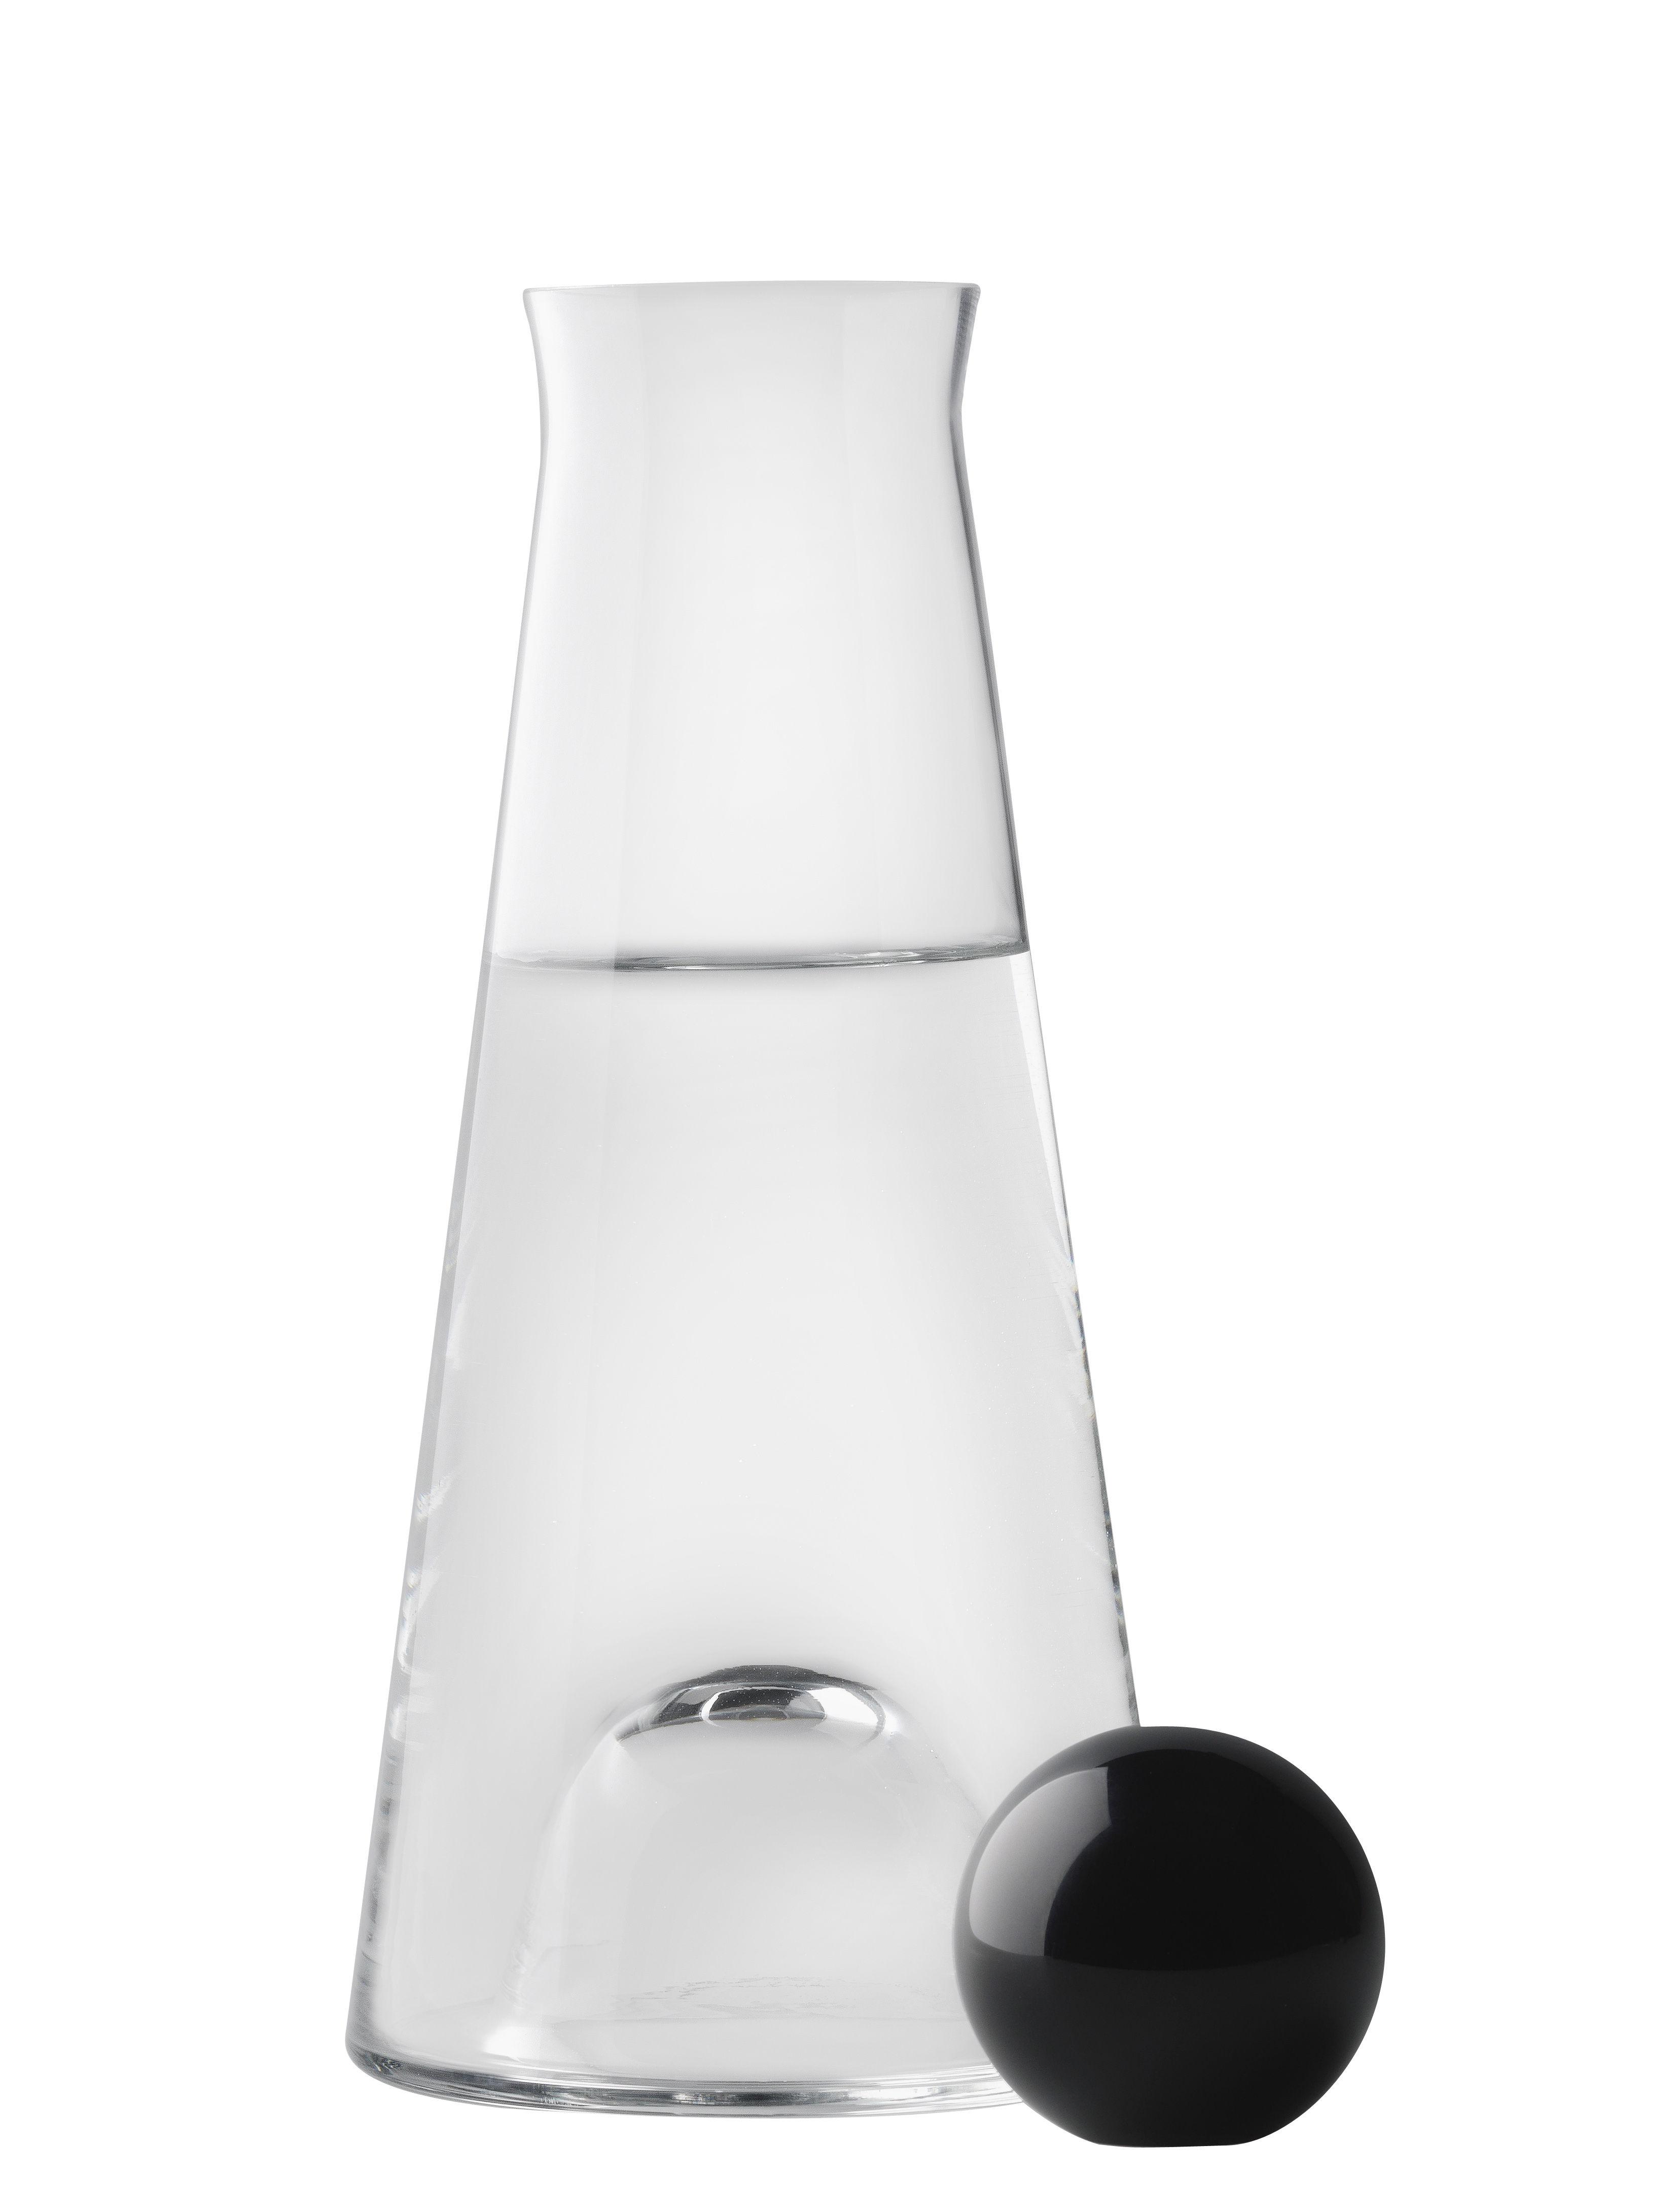 Arts de la table - Carafes et décanteurs - Carafe Fia 1 L - Design House Stockholm - Transparent / Noir - Cristal, Verre